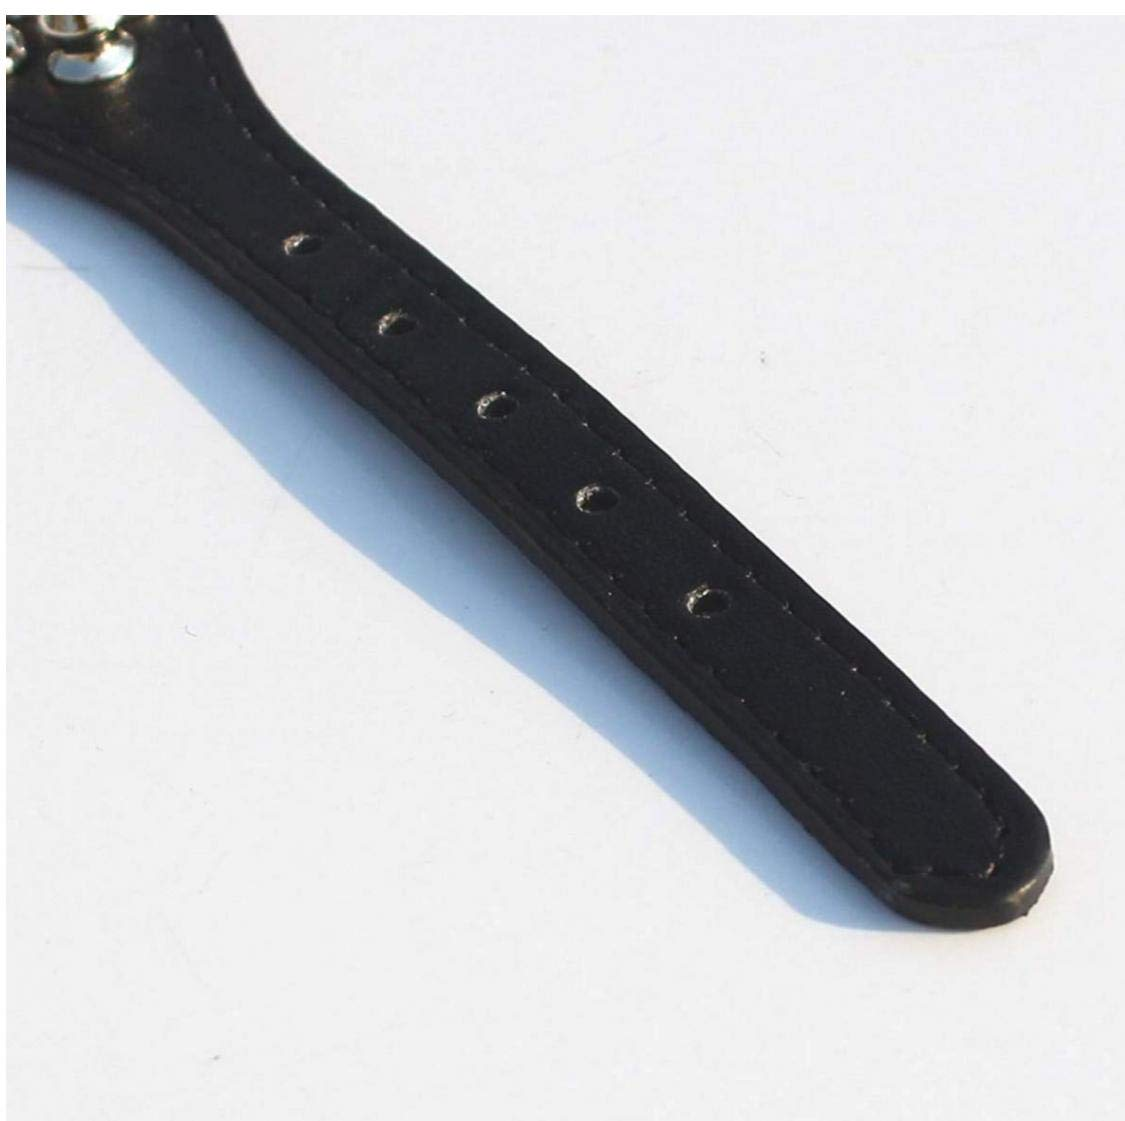 TOSSPER 11-13 Collar de Cuero con Pinchos Perro Tachonado de 7//8 de Ancho para Razas peque/ñas//x-peque/ño y Cachorros Negro, L: 11-13 para el Cuello